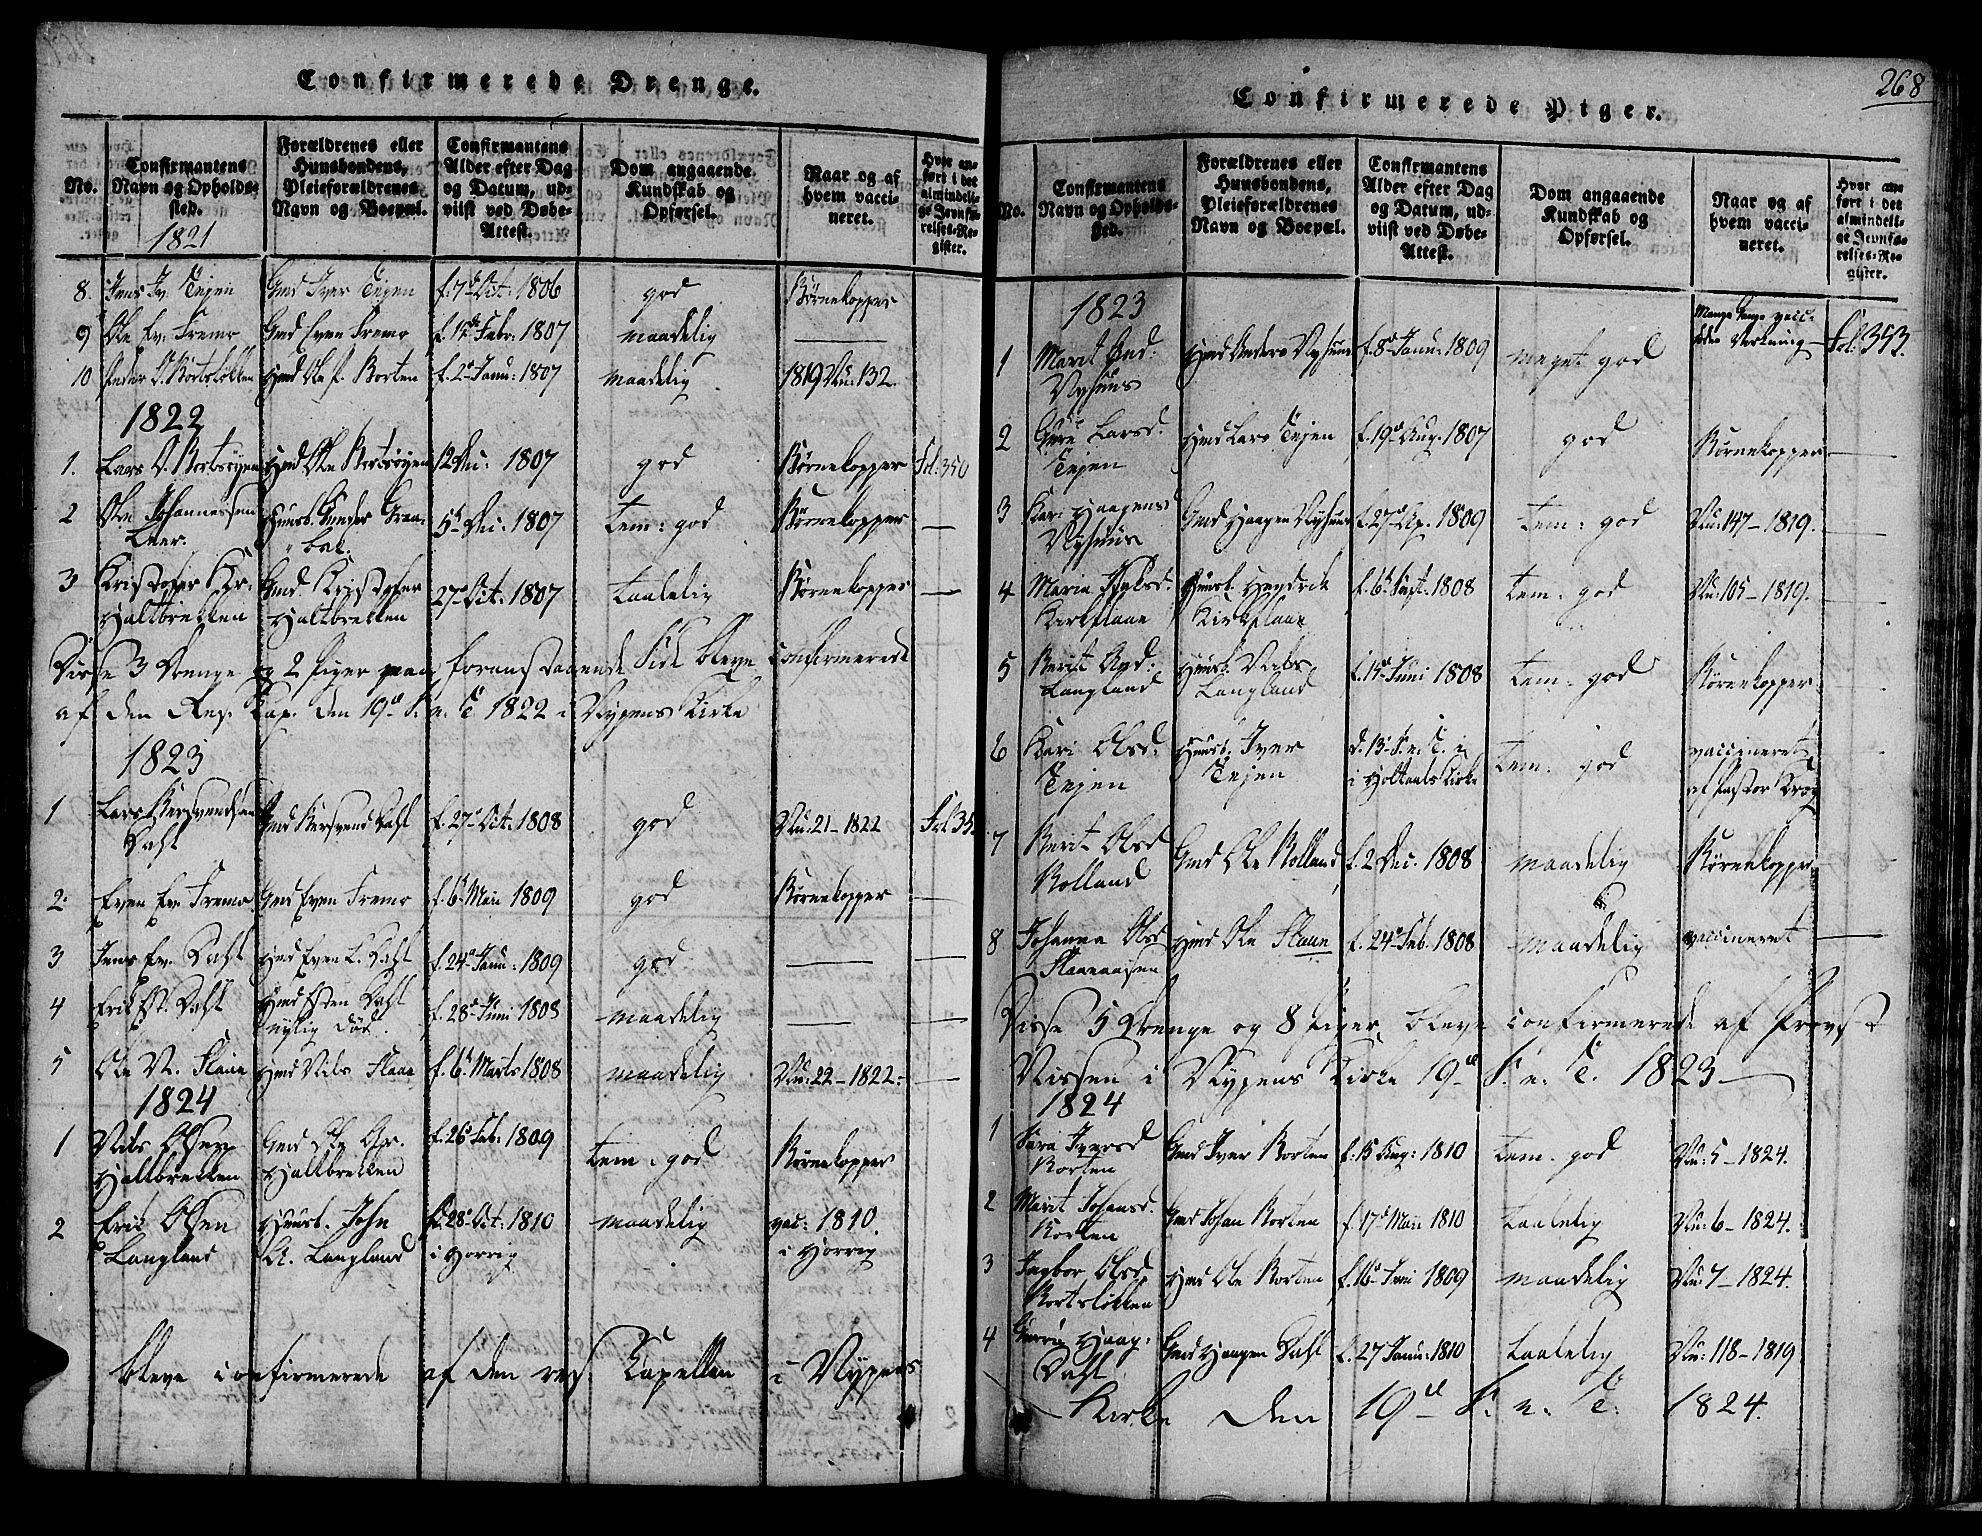 SAT, Ministerialprotokoller, klokkerbøker og fødselsregistre - Sør-Trøndelag, 691/L1066: Ministerialbok nr. 691A03 /2, 1816-1826, s. 268